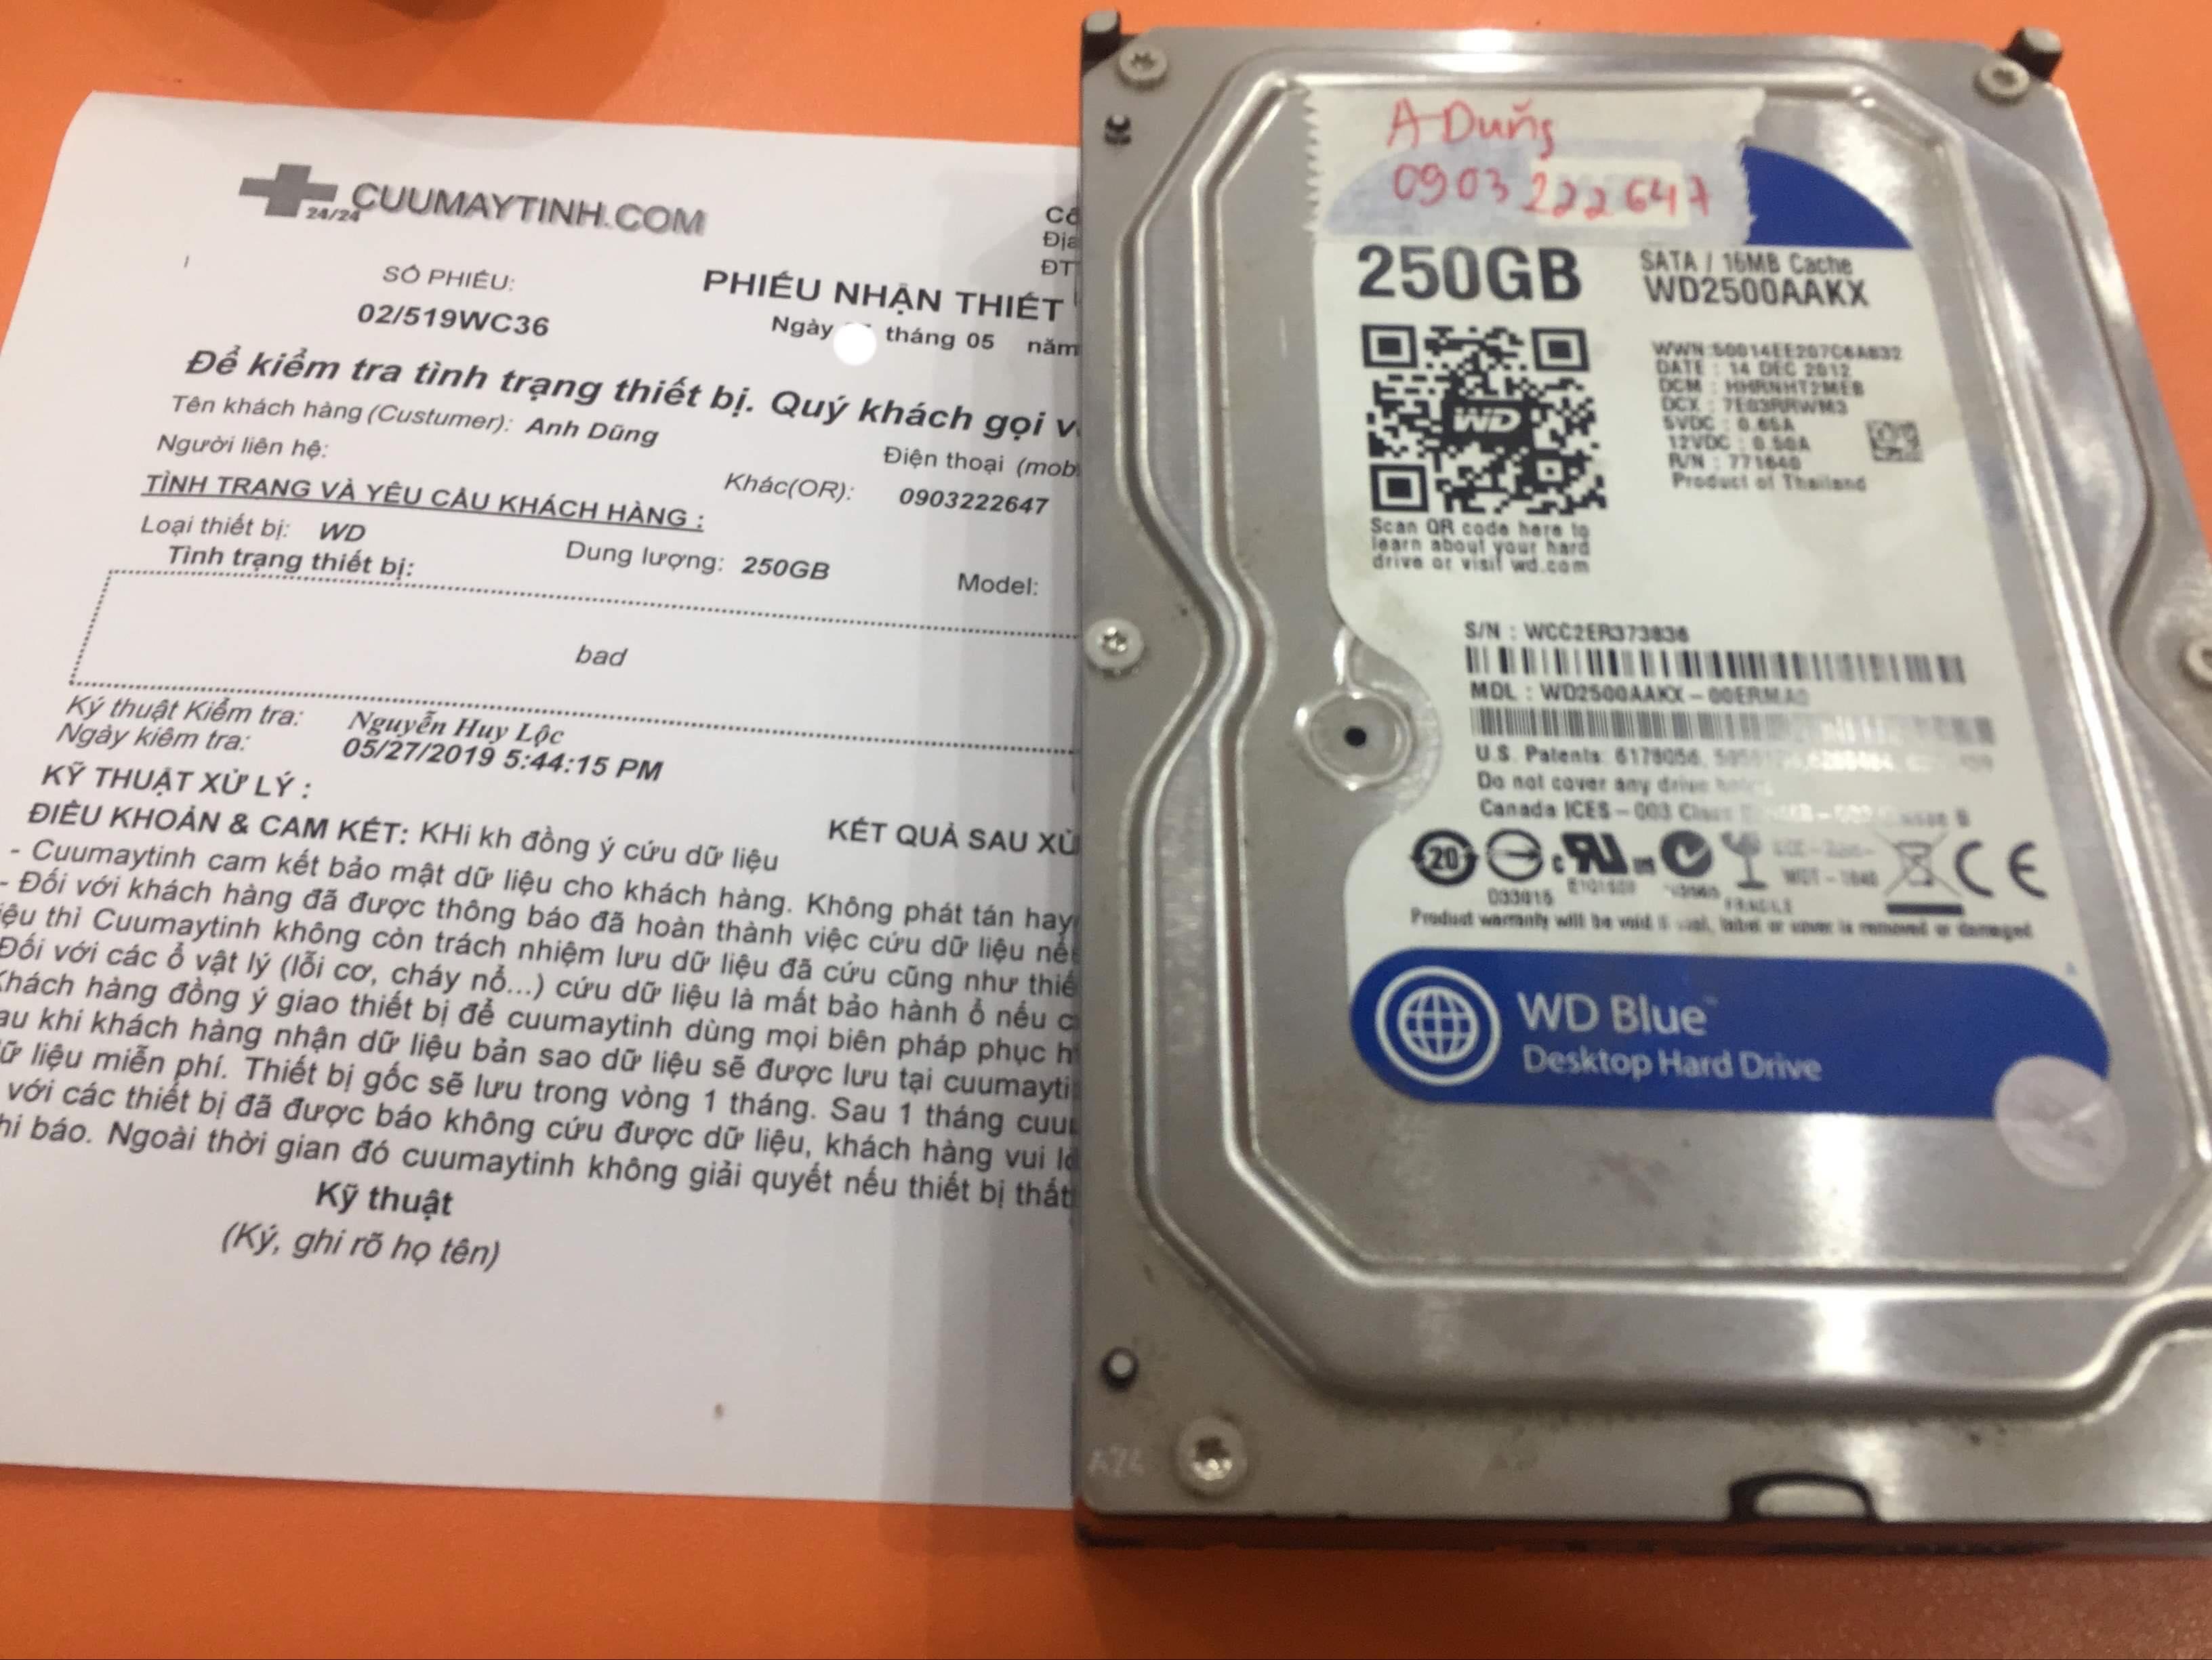 Phục hồi dữ liệu ổ cứng Western 250GB bad 31/05/2019 - cuumaytinh